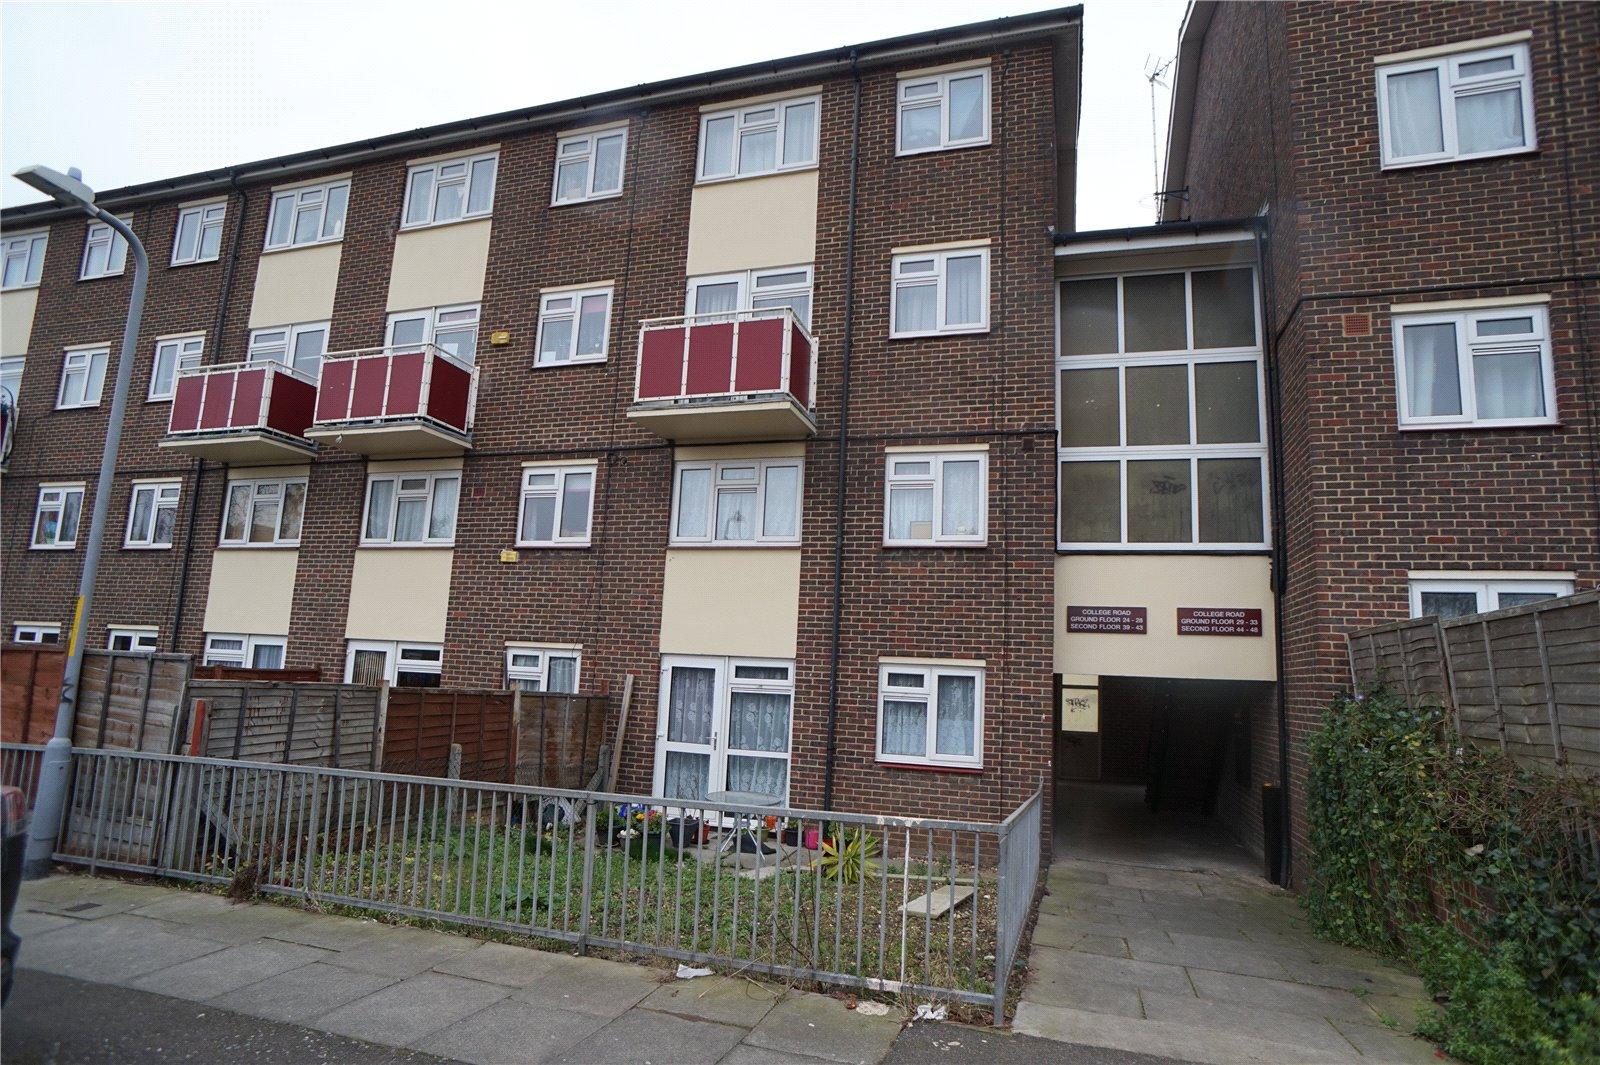 3 Bedrooms Flat for sale in College Road, Northfleet, Gravesend, Kent, DA11